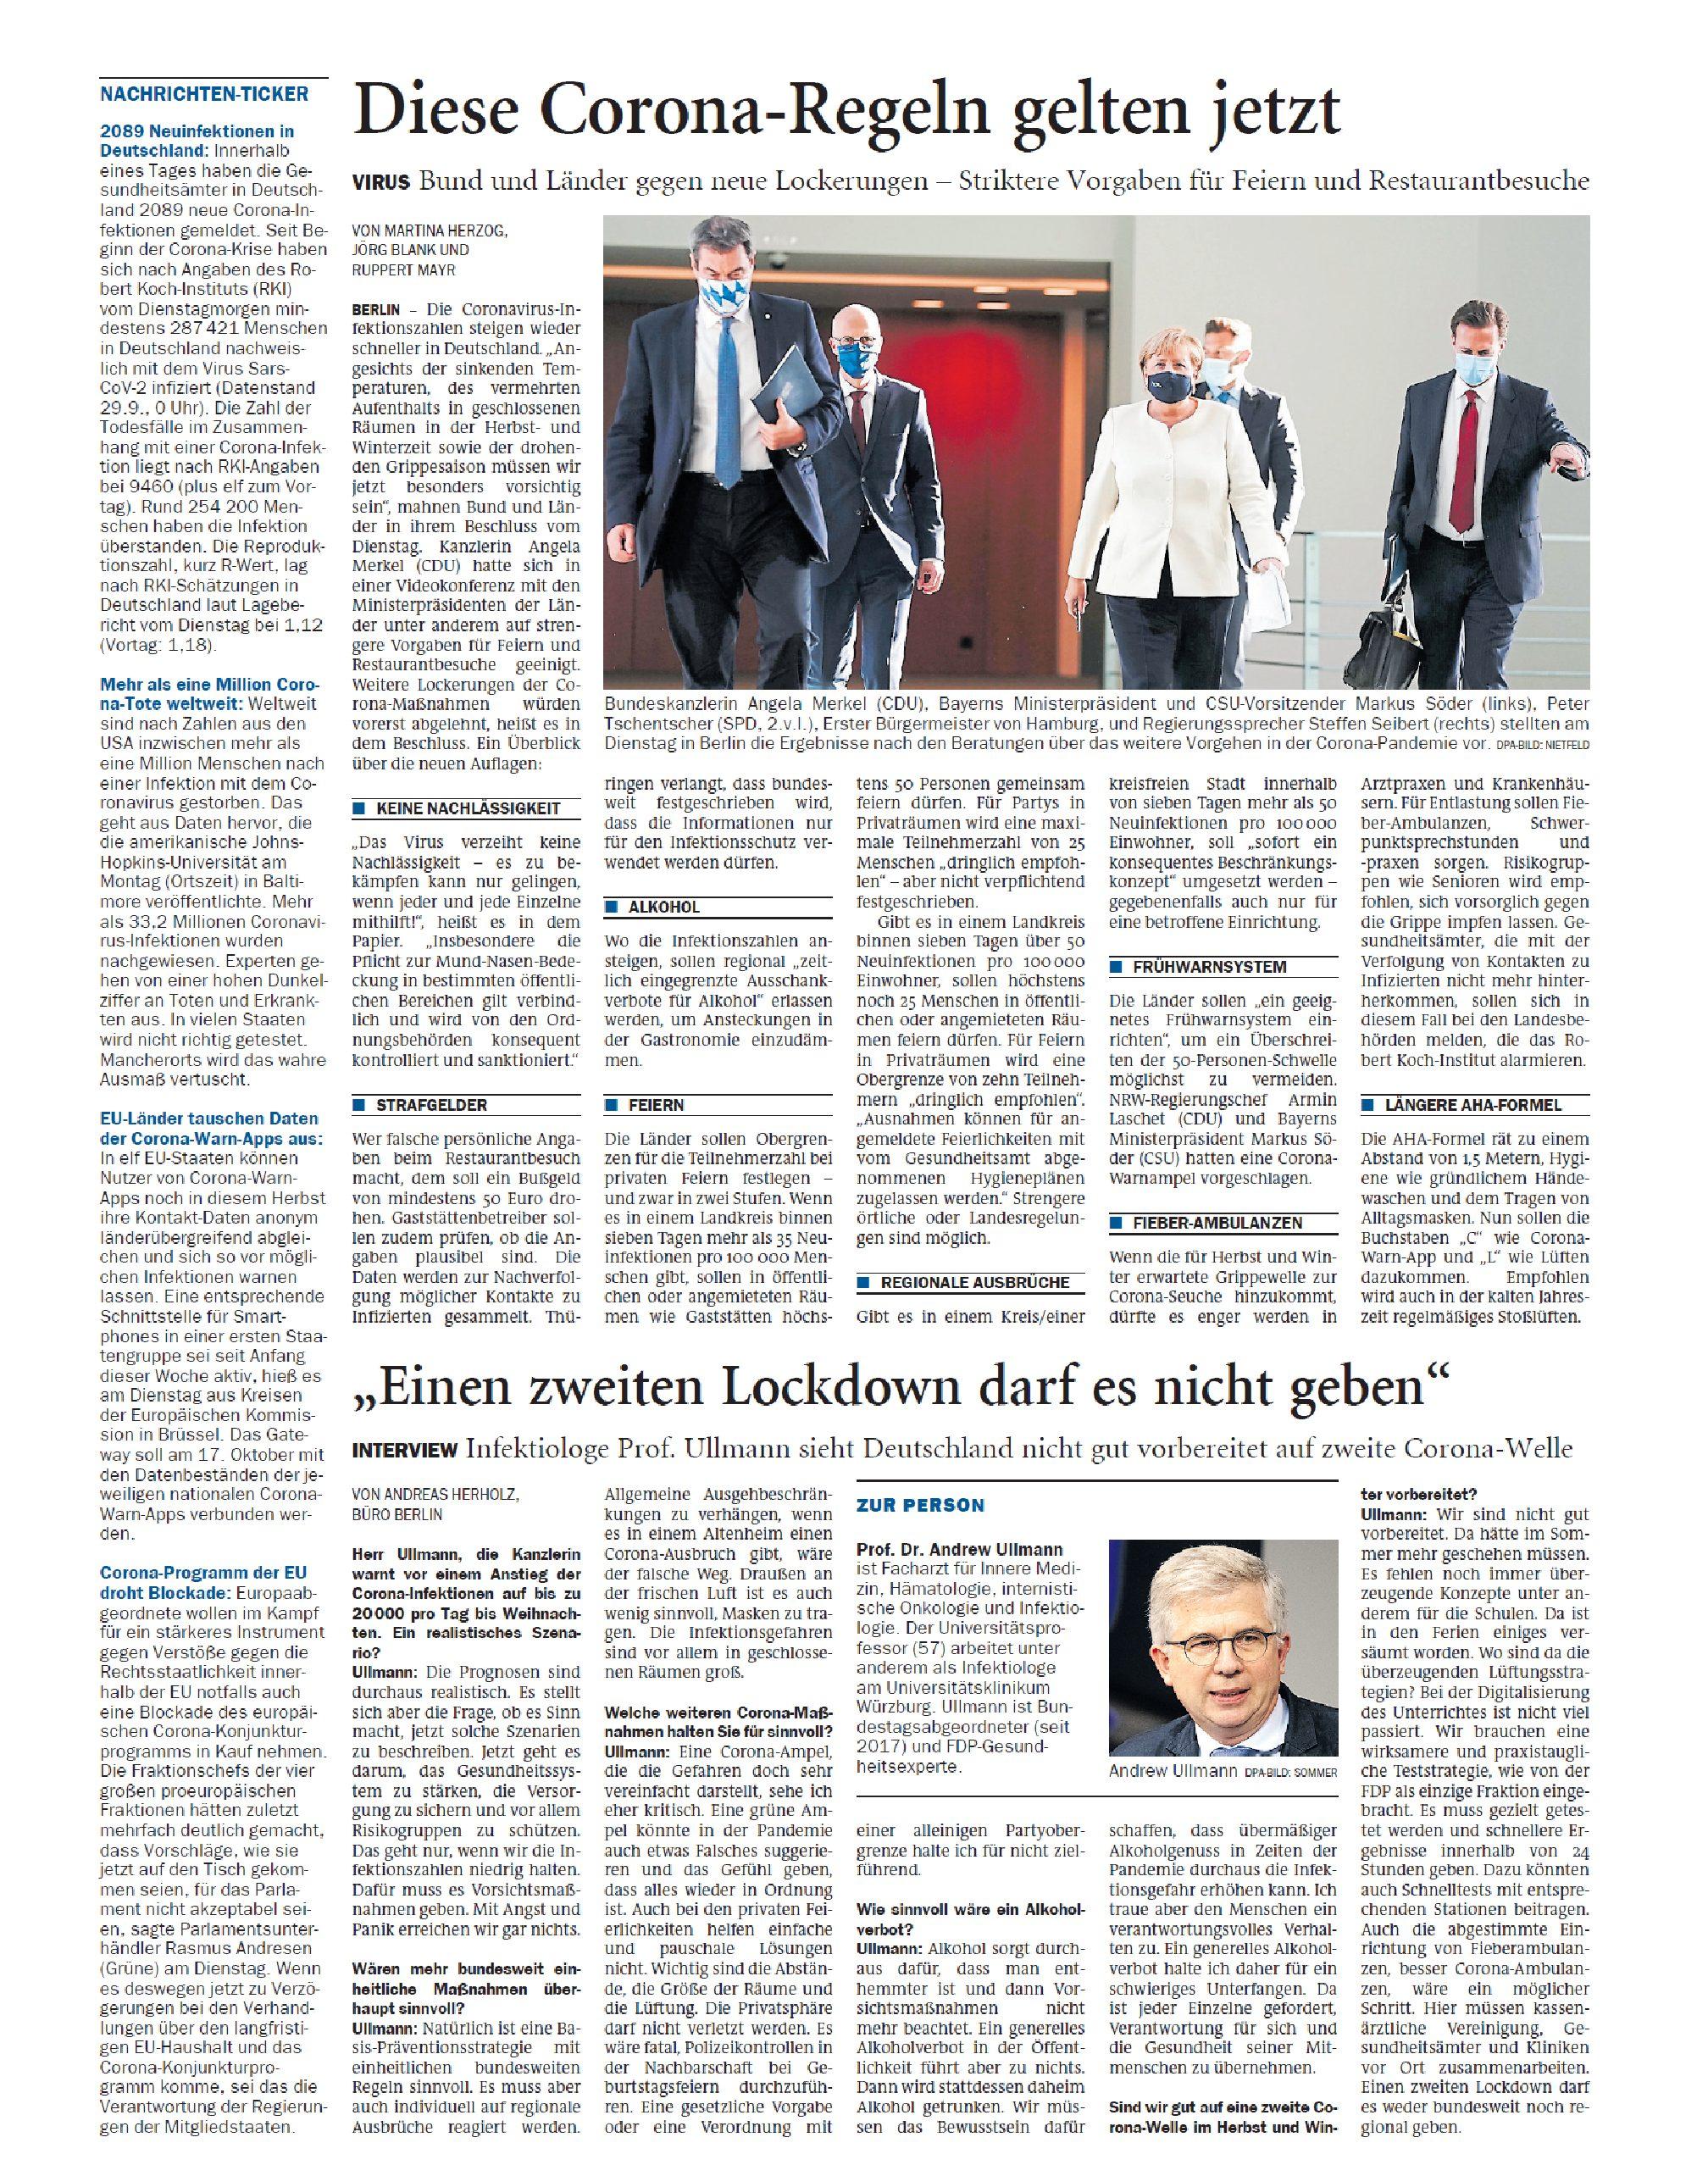 Jeversches Wochenblatt 30.09.2020 VII